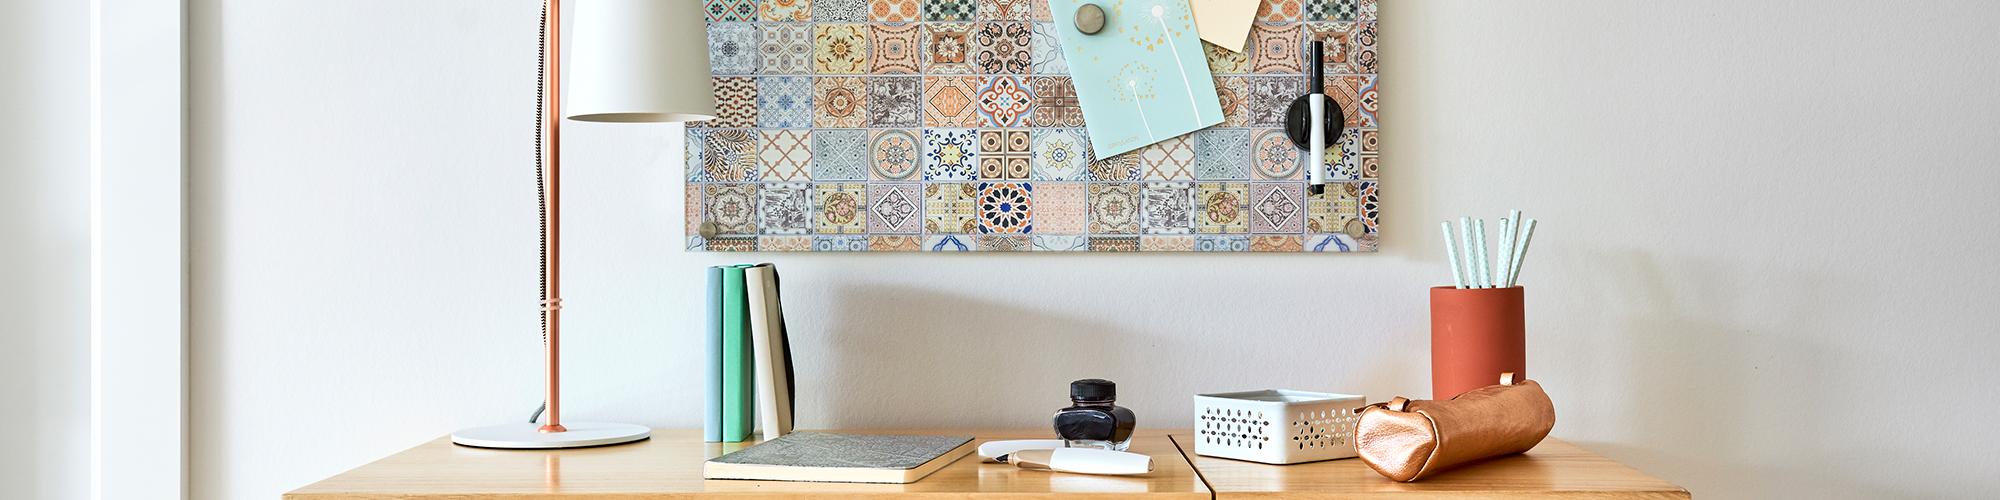 Moderne Elemente und verschiedene Ordnungssysteme für das stylische Office.